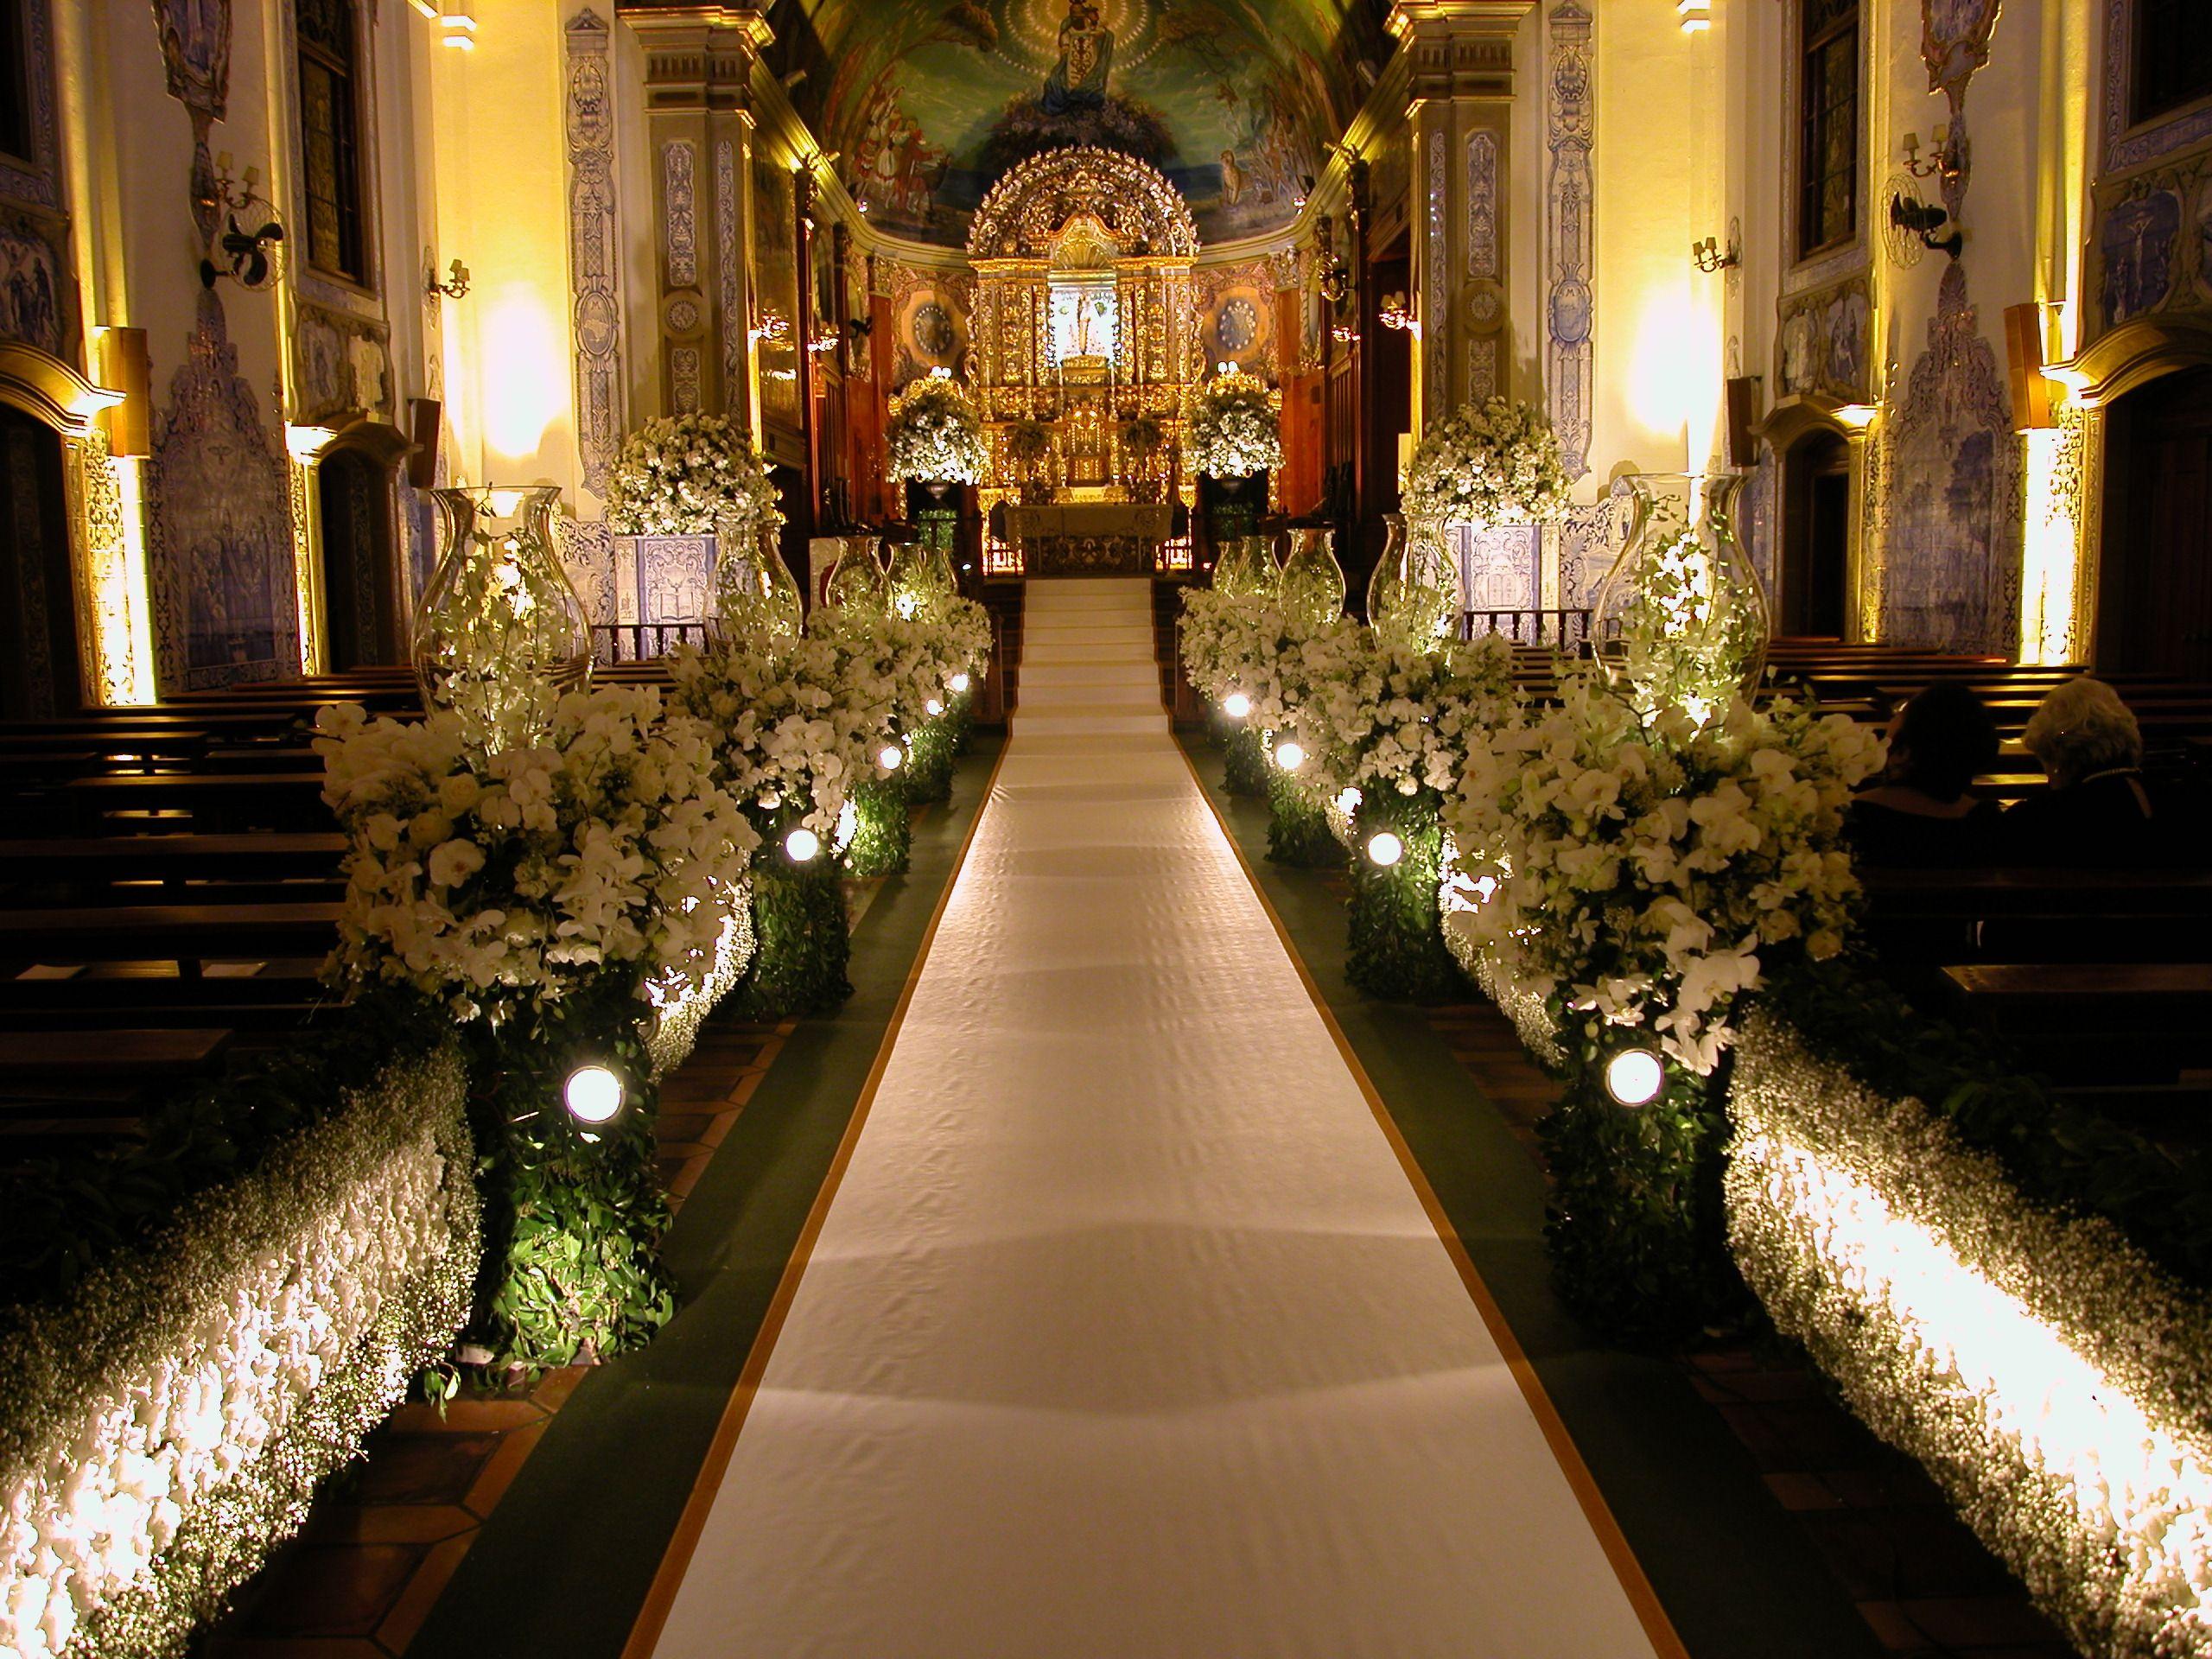 Decorao de casamento na igreja nossa senhora do brasil drapes decorao de casamento na igreja nossa senhora do brasil junglespirit Choice Image